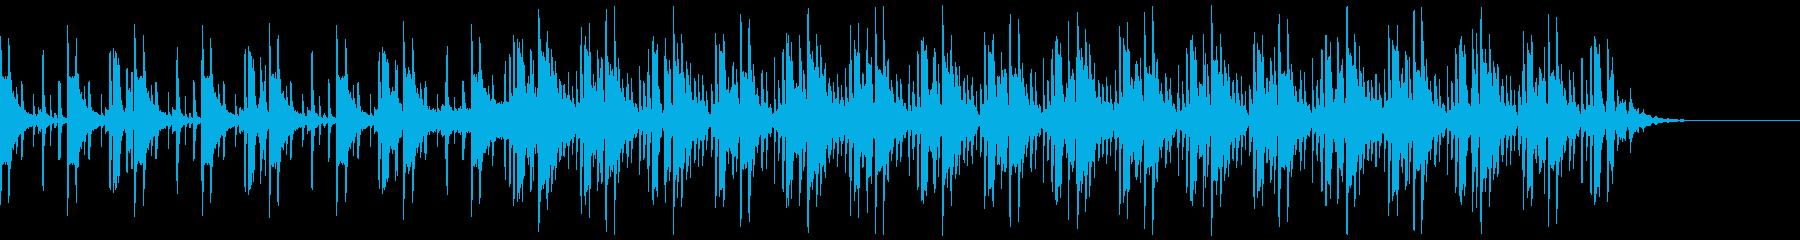 コーポレートテクスチャ―2の再生済みの波形